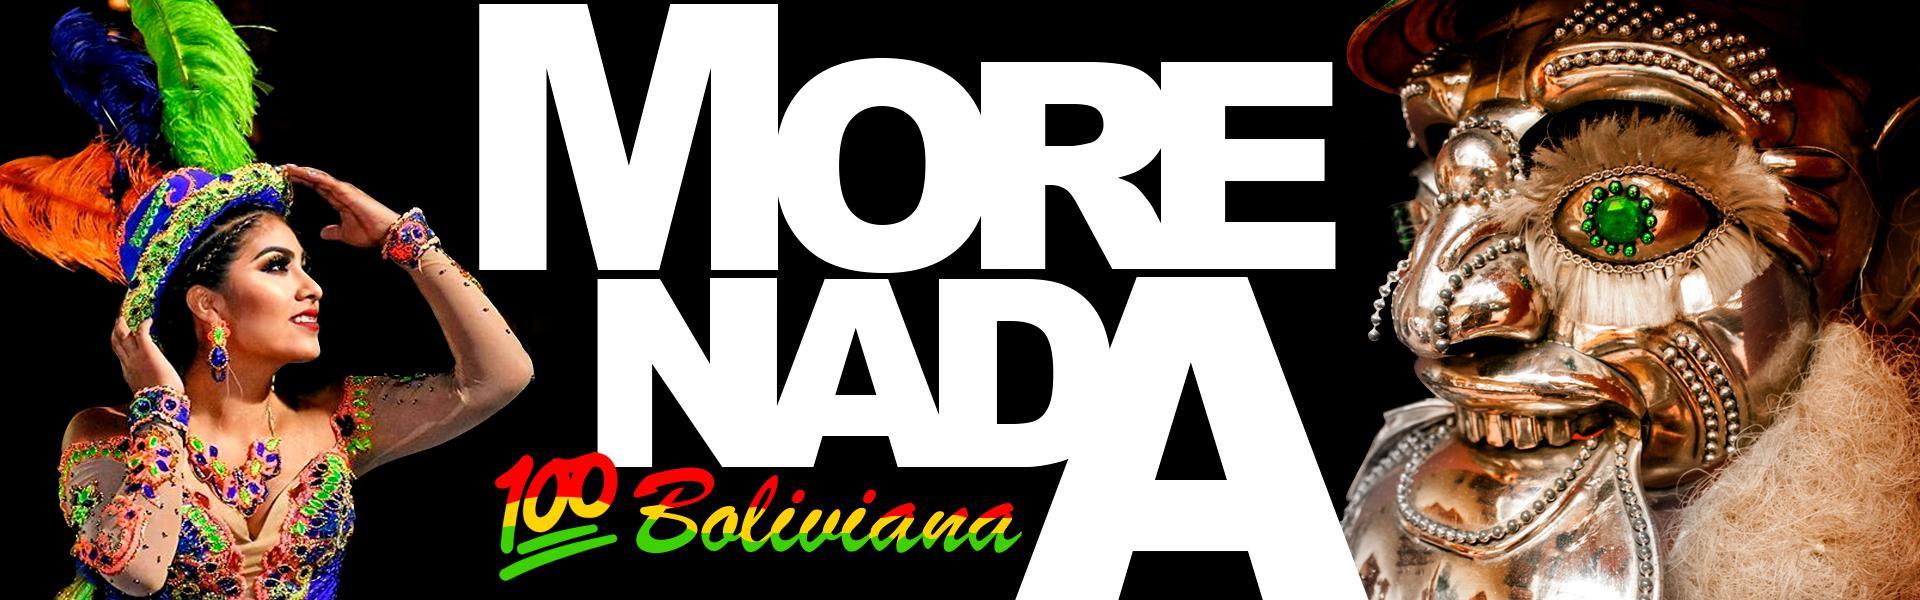 Morenada 100% Boliviana